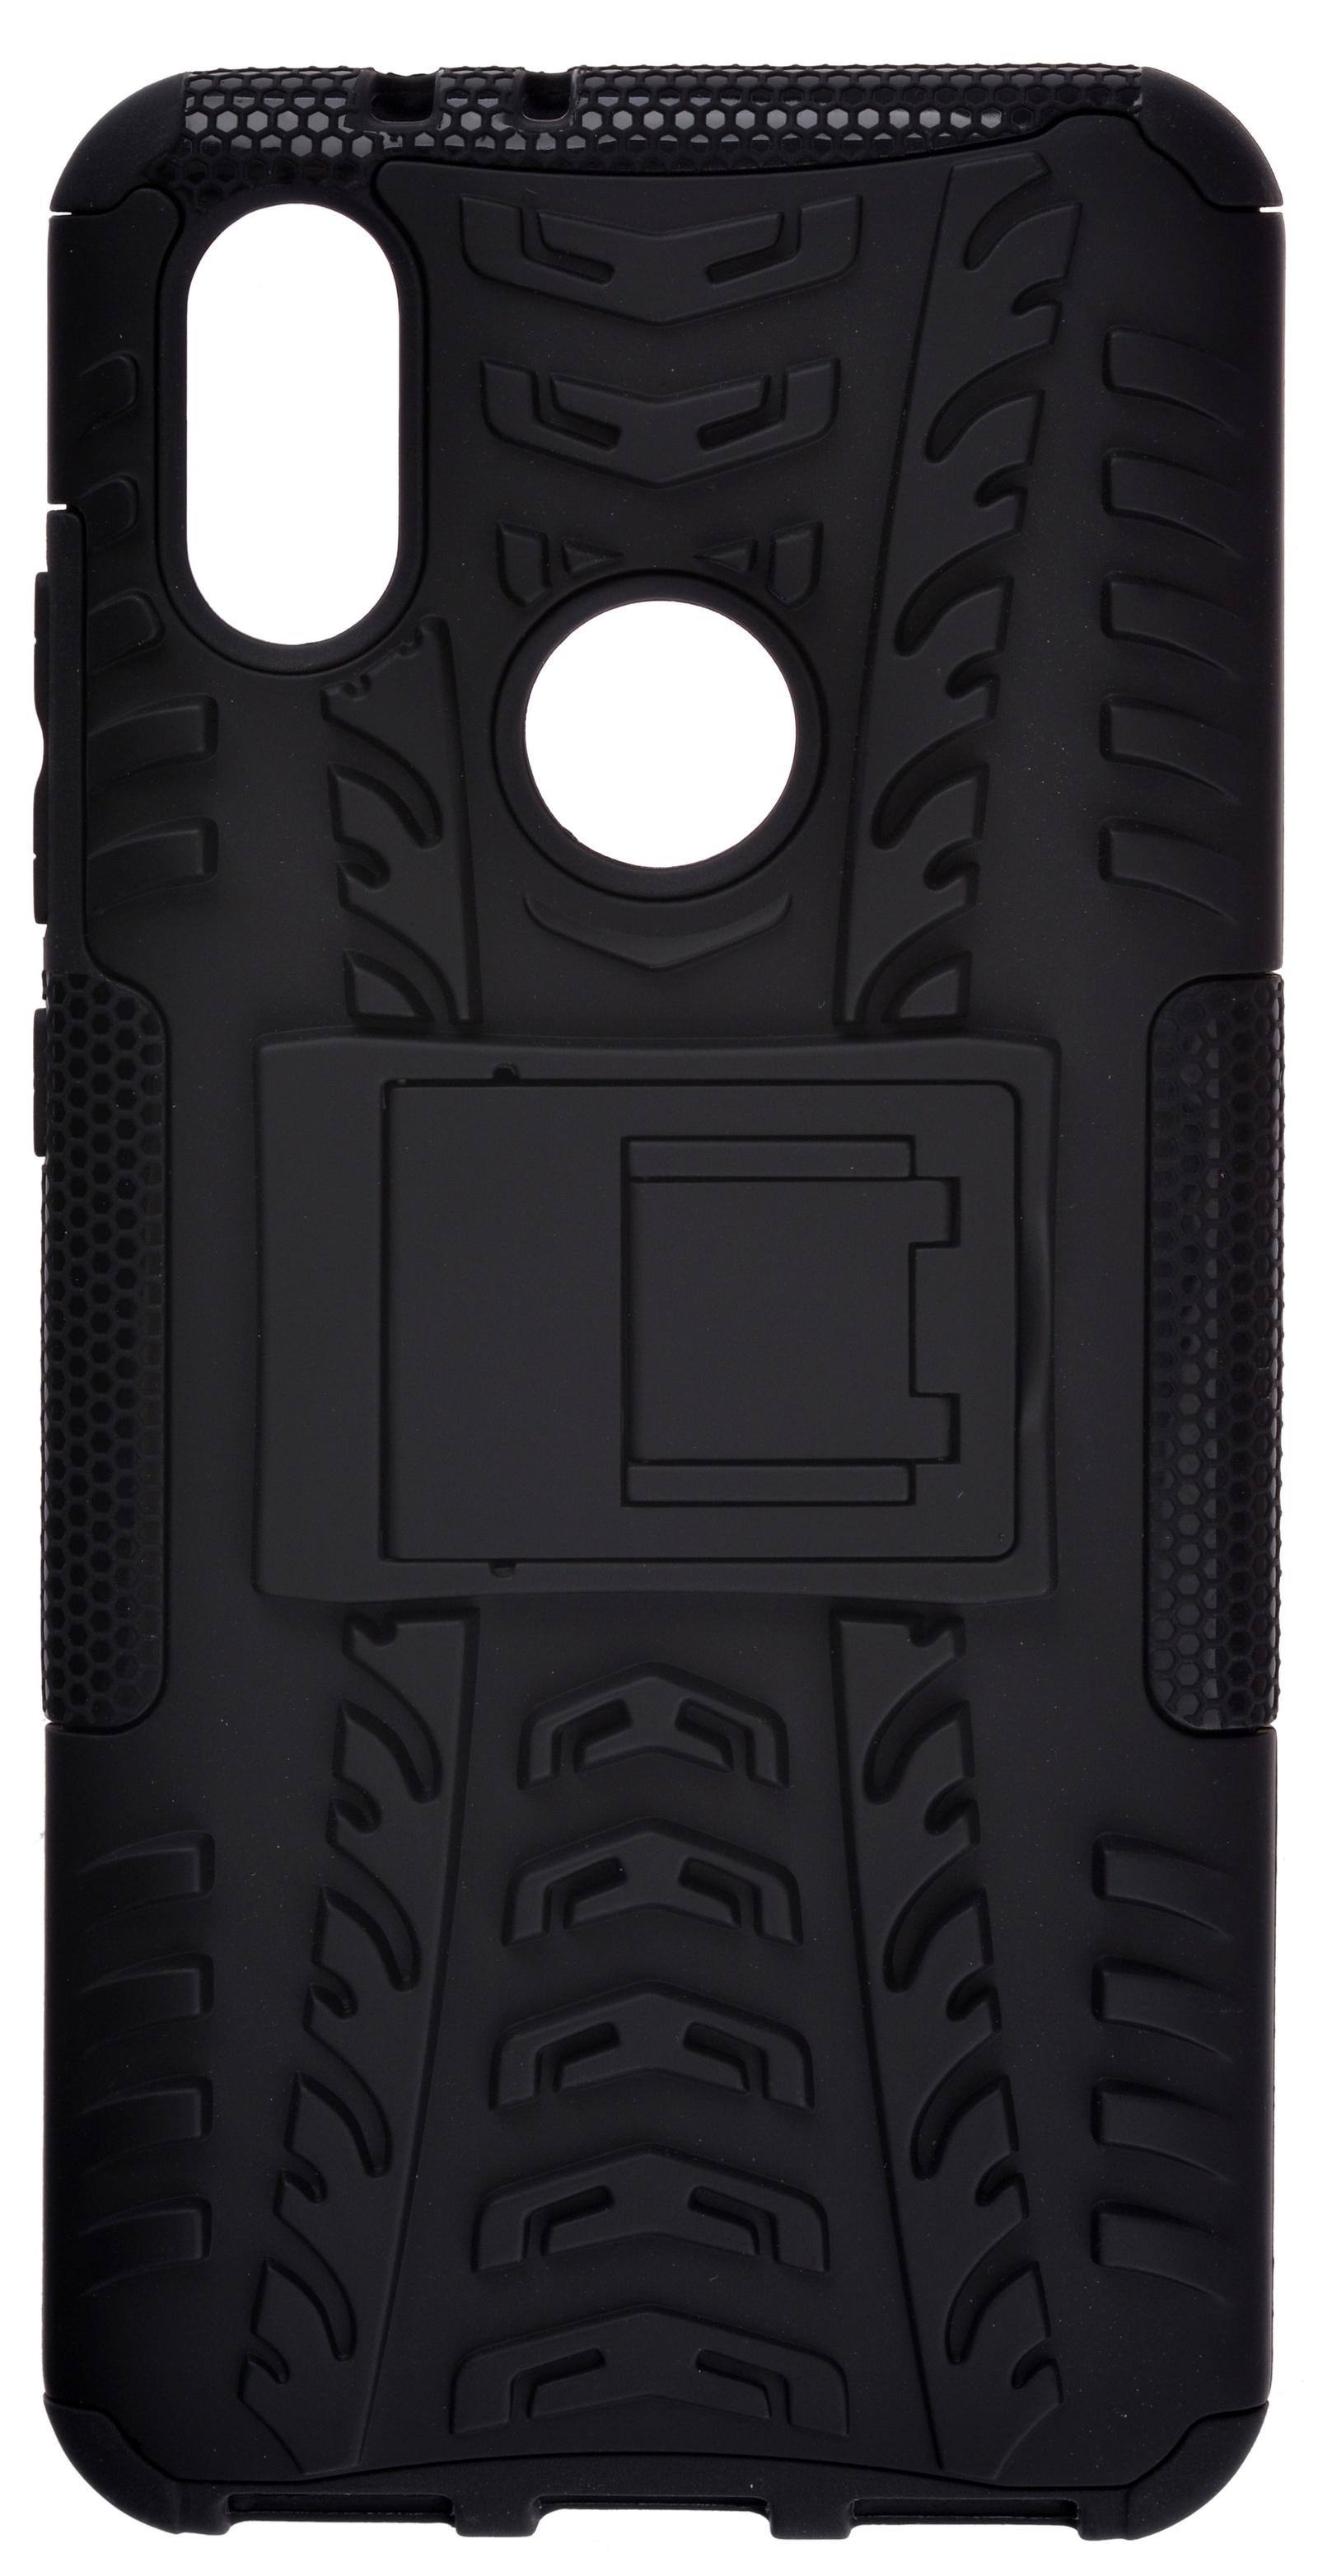 Накладка Skinbox Defender для Xiaomi Mi 6X/A2, 4630042520783, черный защитное стекло mobius xiaomi mi a2 mi 6x черный